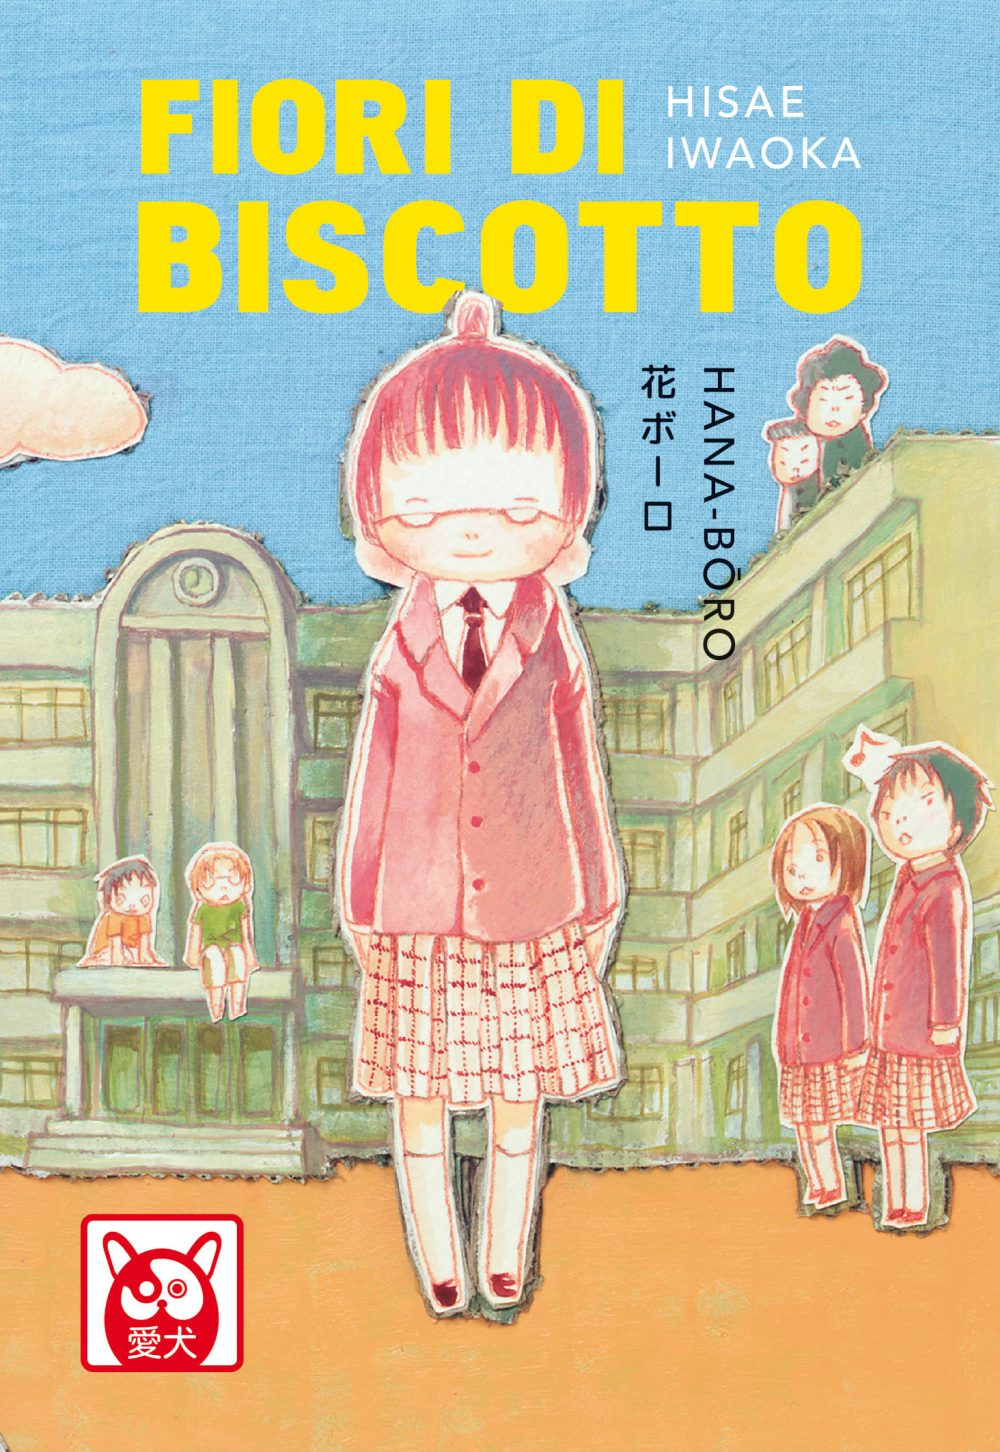 Fiori di biscotto, copertina di Hisae Iwaoka